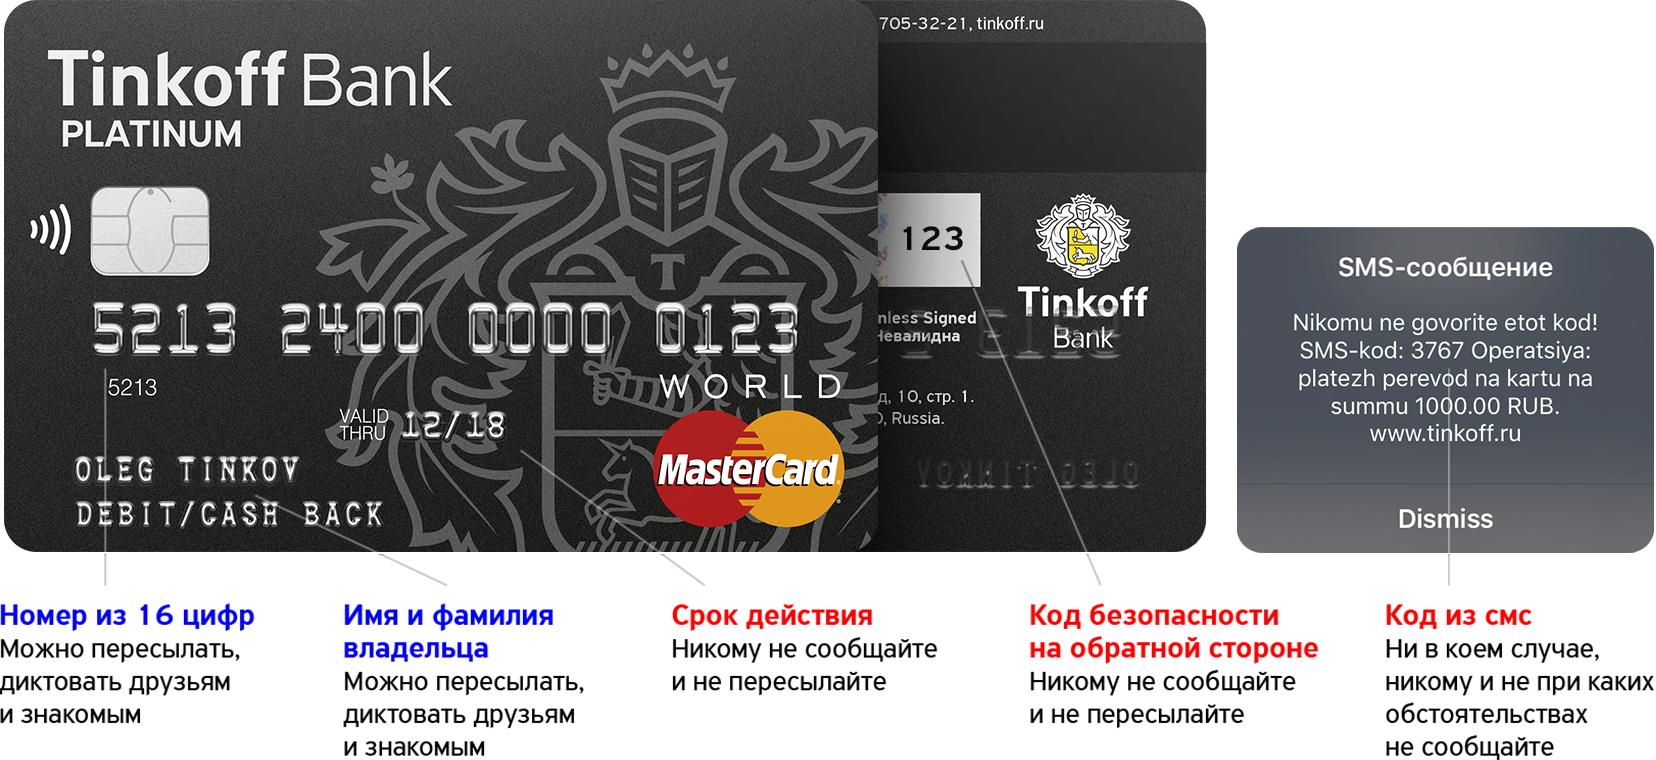 Дебетовая карта Тинкофф